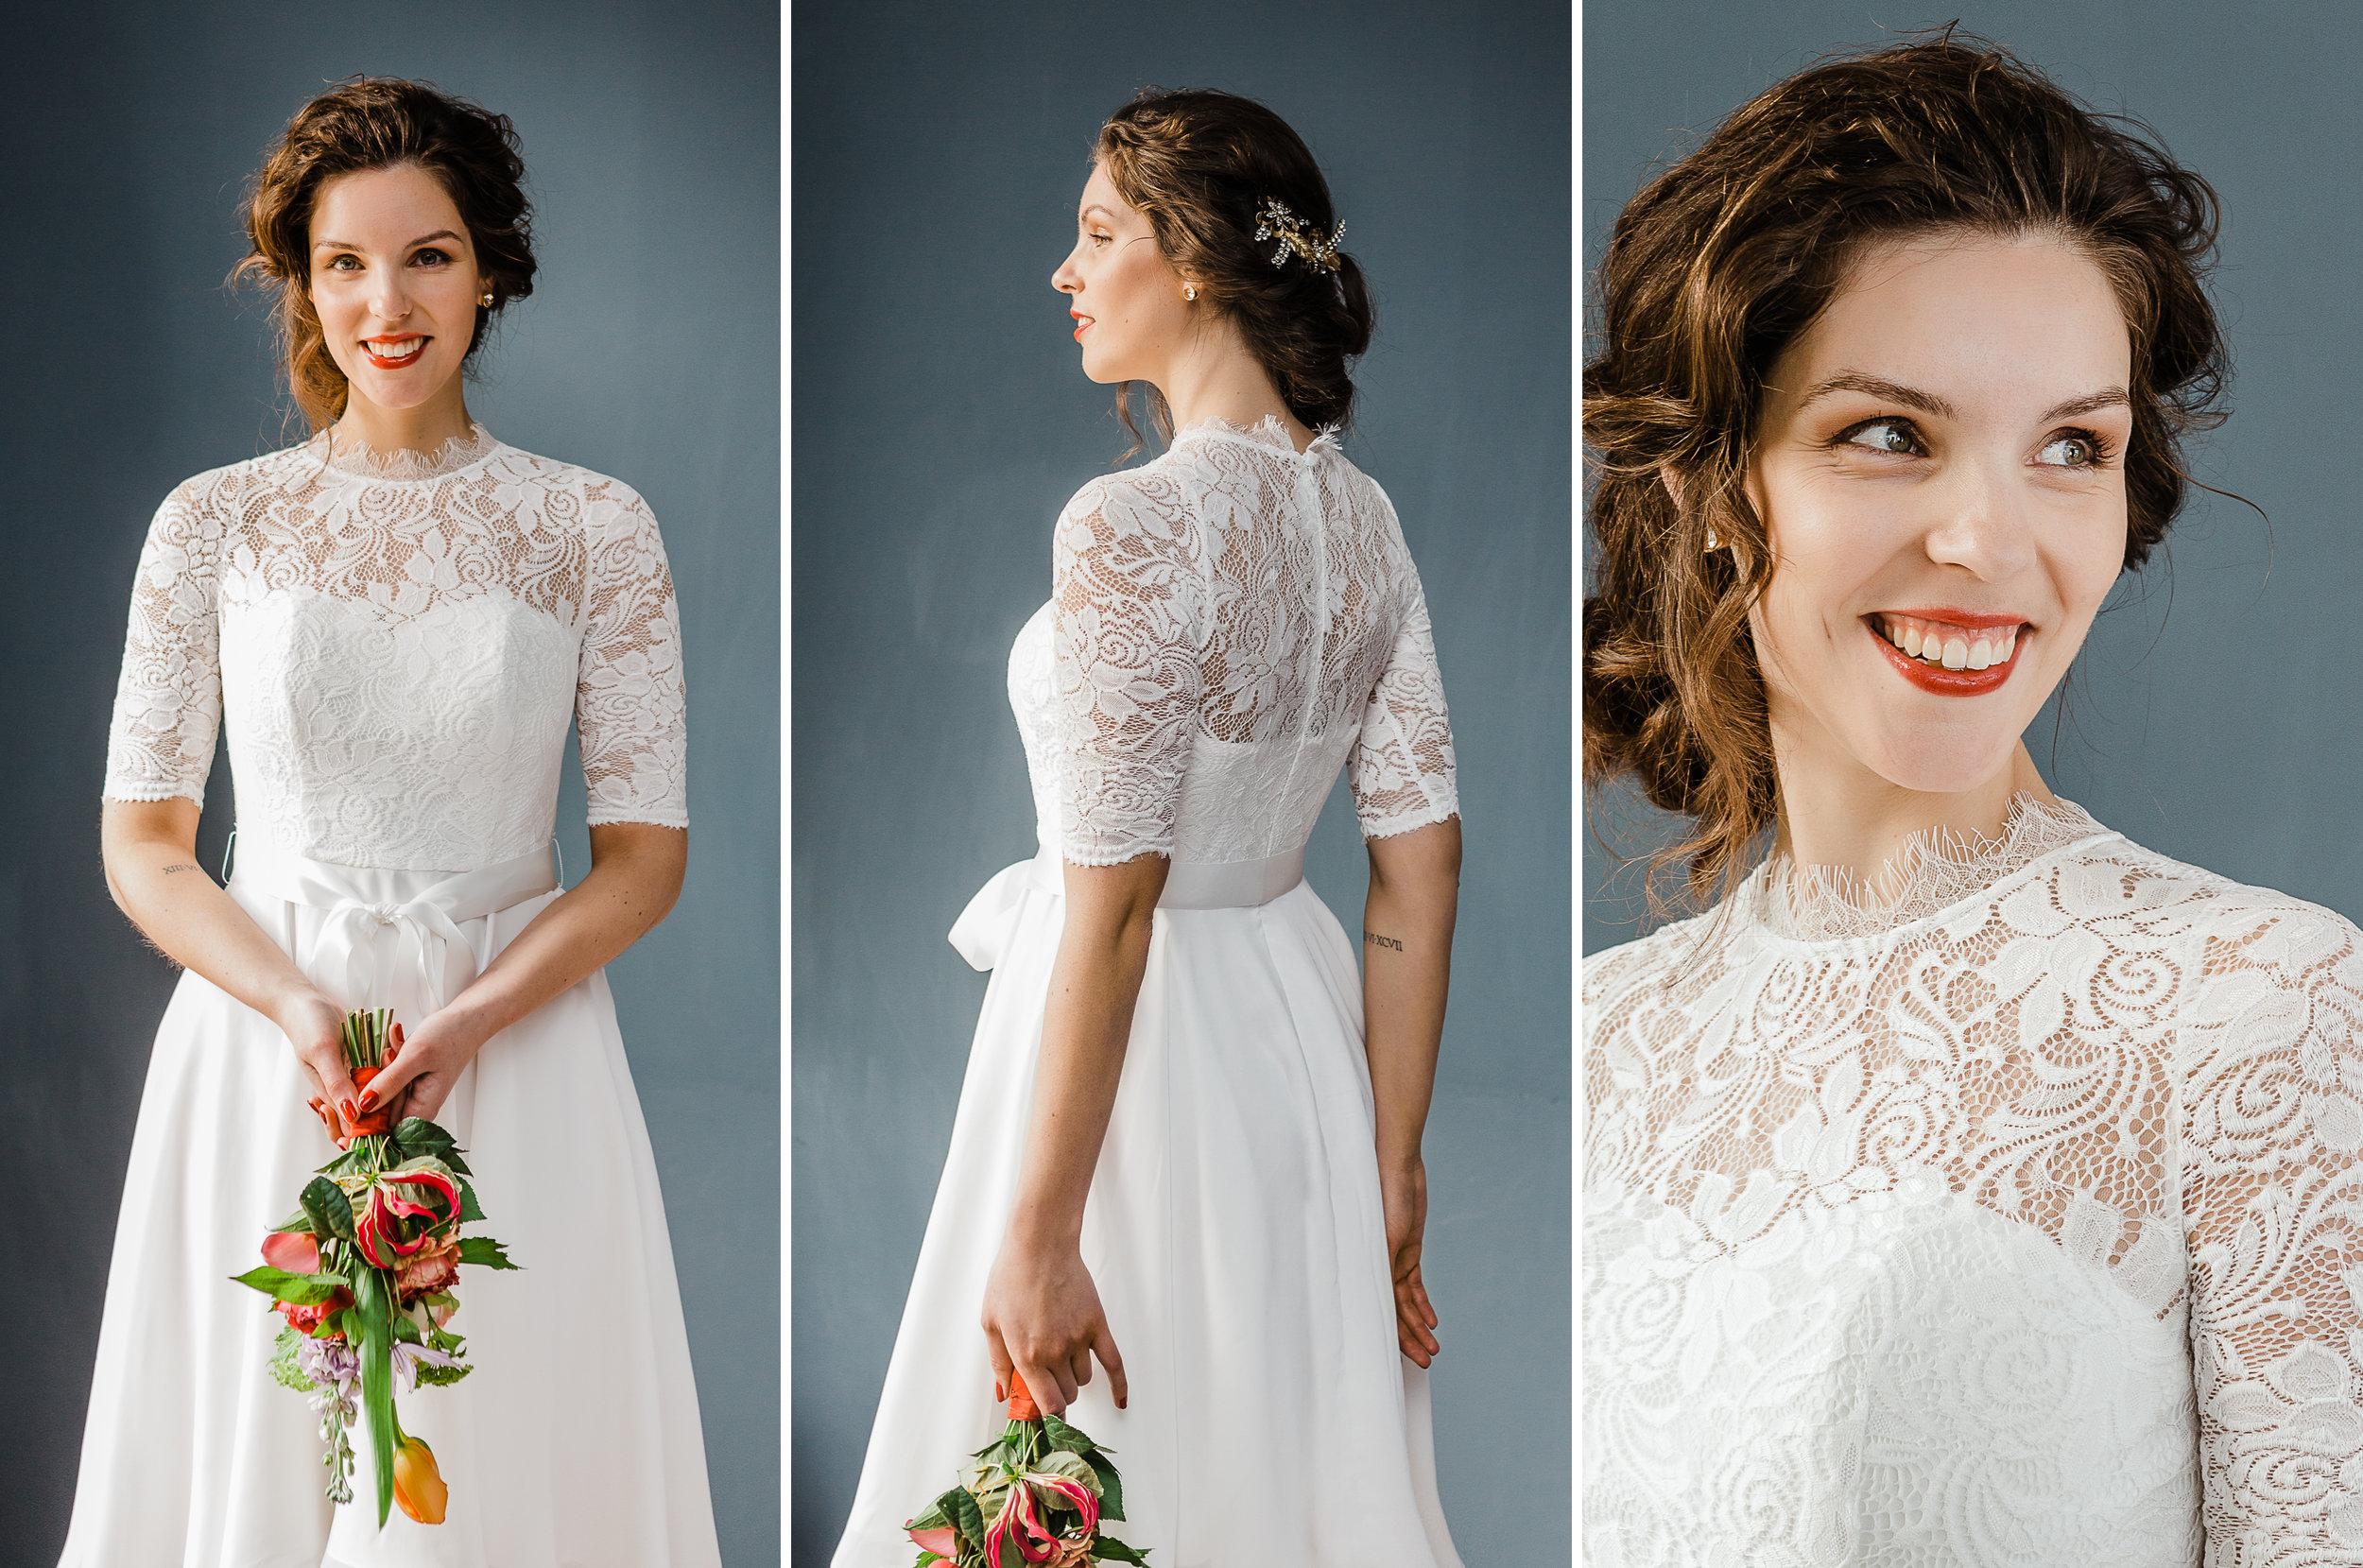 GLAM THE DRESS - Fotografiepakket